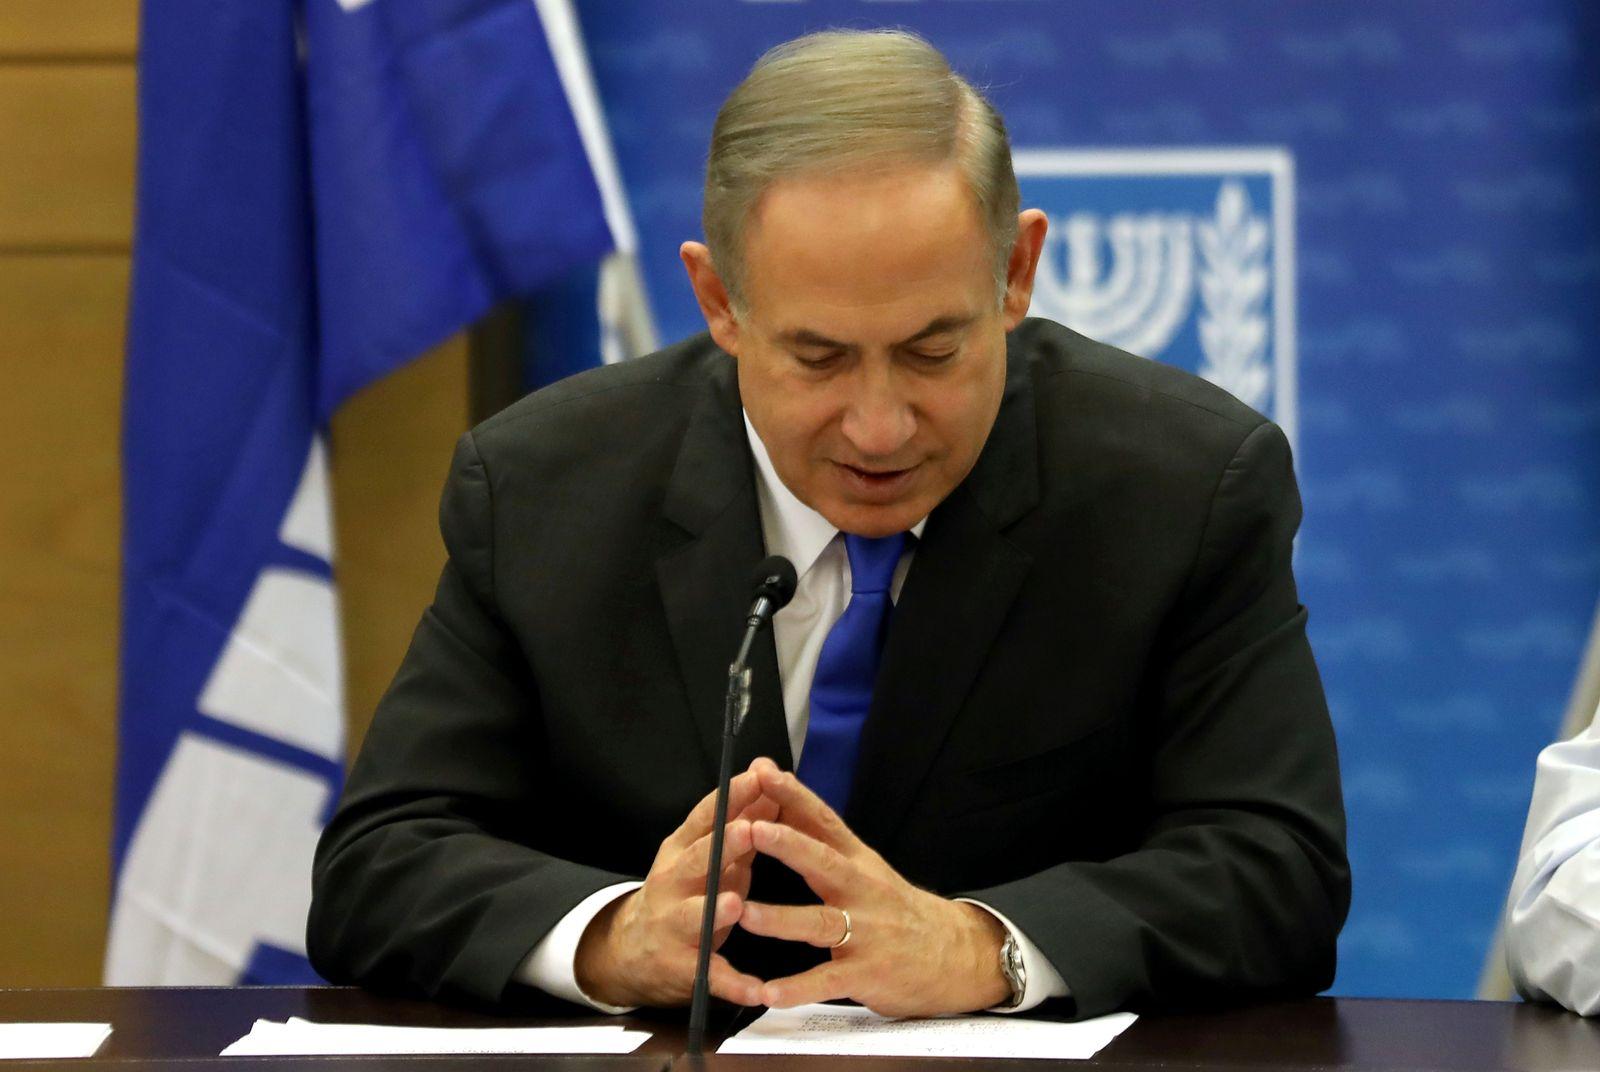 ISRAEL-POLITICS-CORRUPTION-INVESTIGATION-NETANYAHU